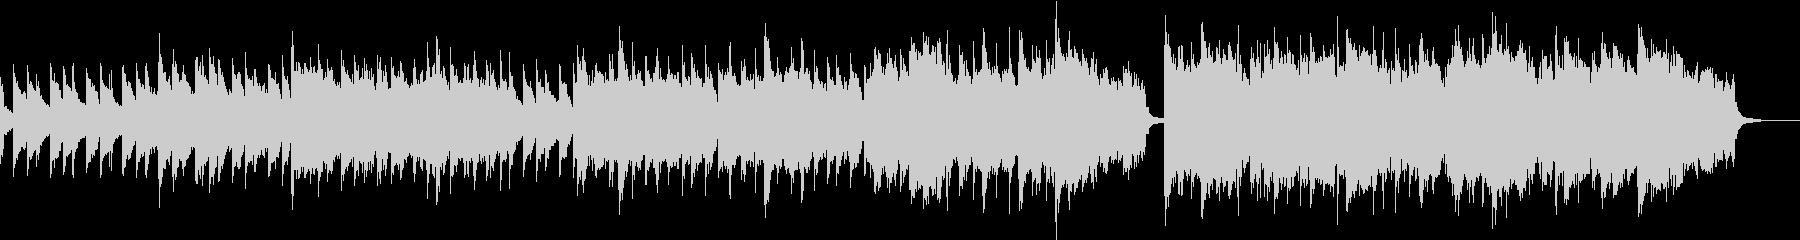 アコーディオンとバグパイプ の明るい楽曲の未再生の波形